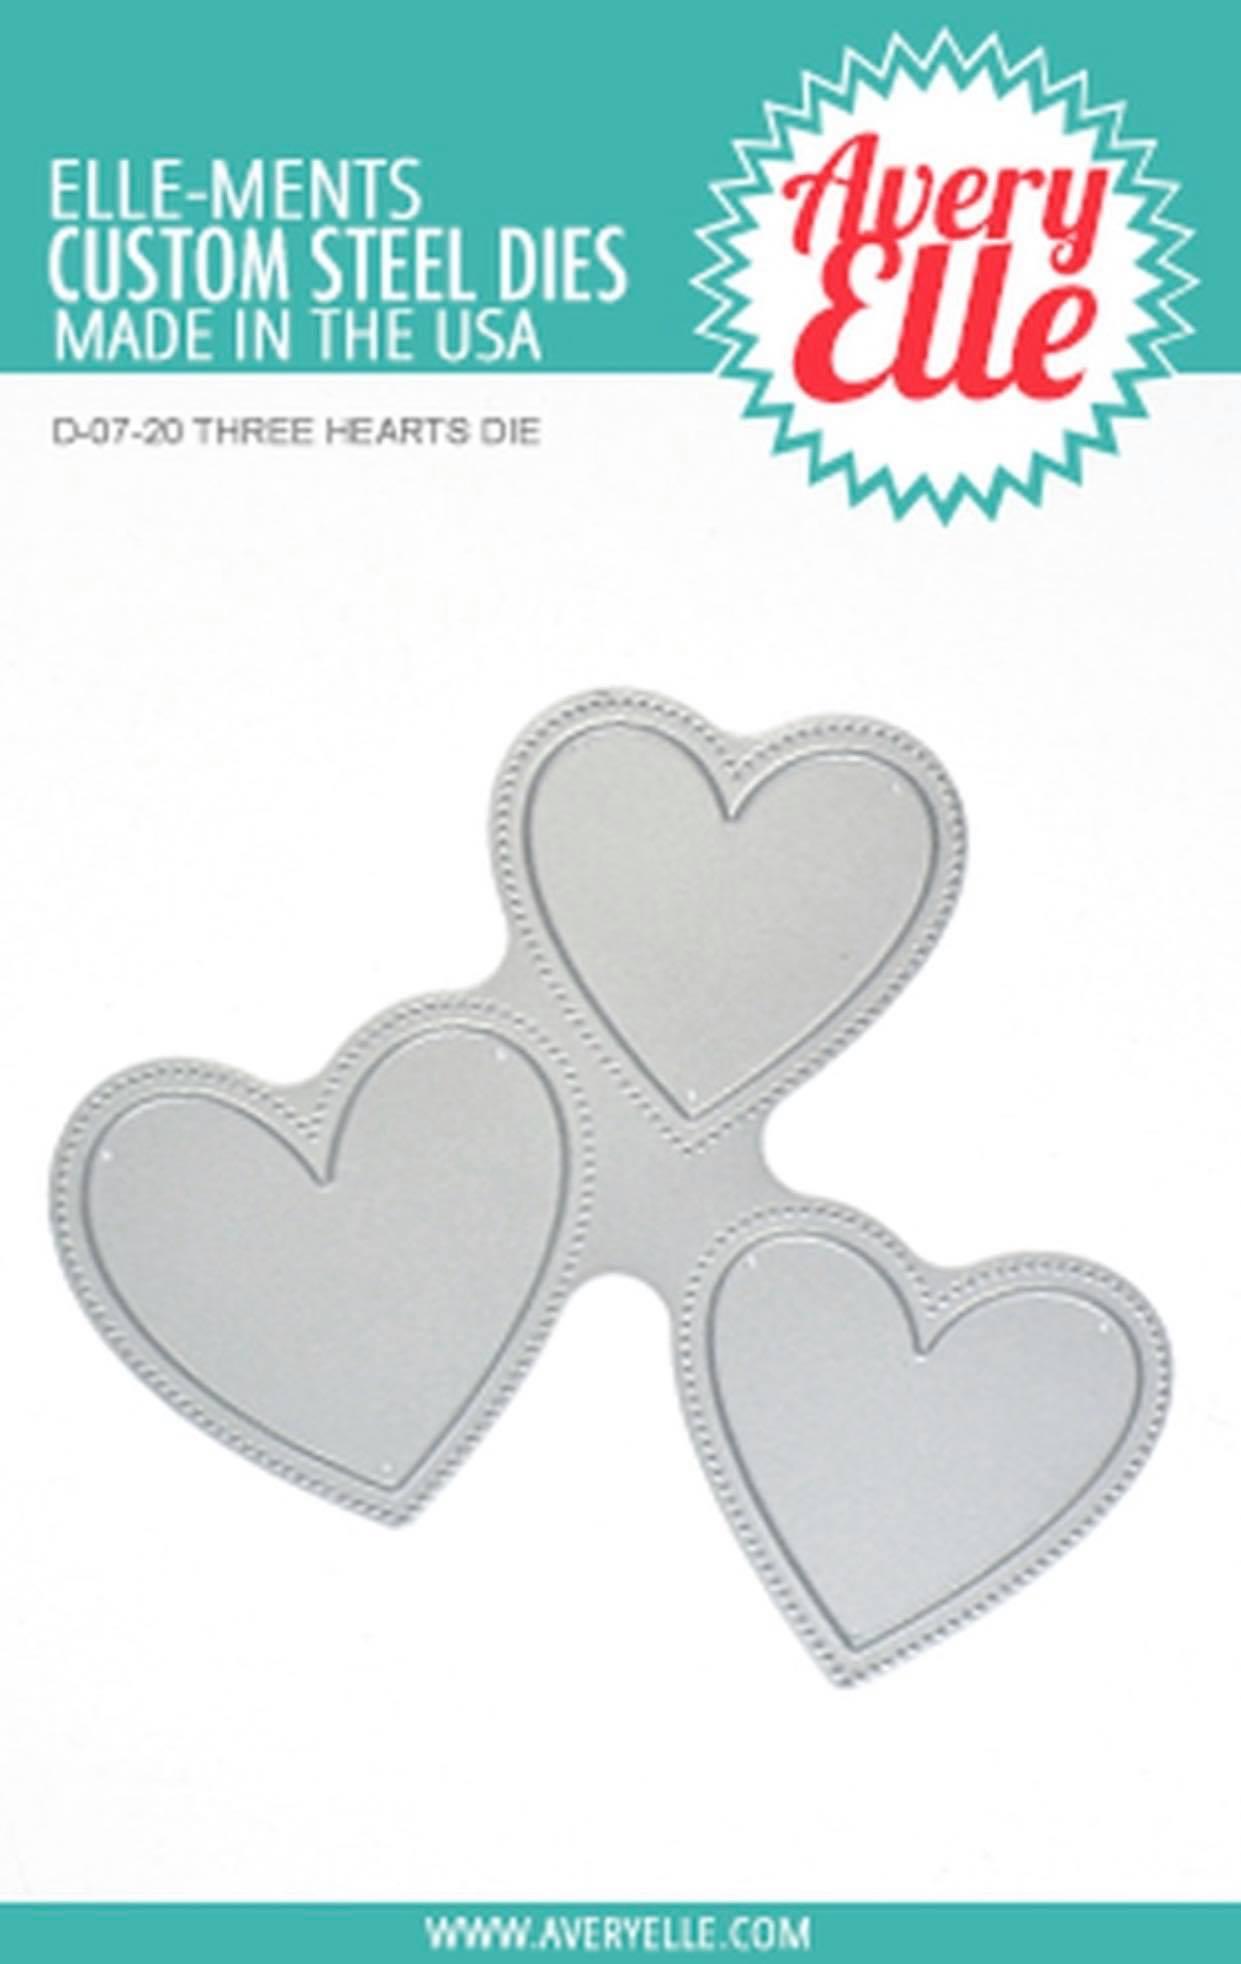 Avery Elle - Three Hearts Die